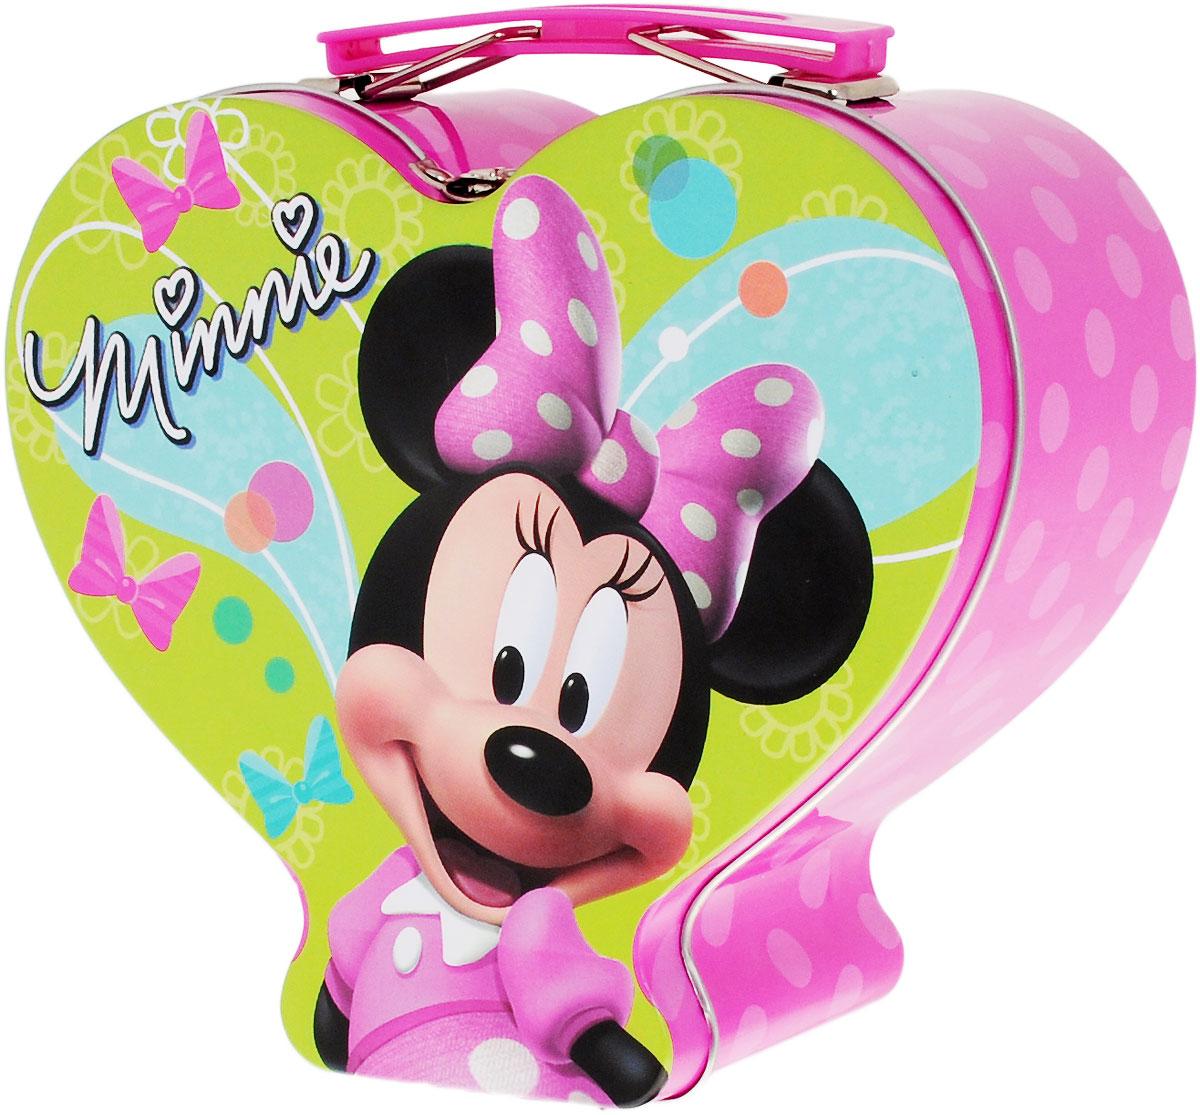 Amscan Чемоданчик Disney Минни Маус1507-0820Яркий чемоданчик Amscan  Disney: Минни Маус не оставит равнодушным ни одного поклонника мультфильмов студии Дисней. Чемоданчик изготовлен из металла и оформлена изображением Минни Маус. Чемоданчик закрывается на металлическую защелку и оснащен пластиковой ручкой, благодаря которой ее можно использовать в качестве контейнера для канцелярских принадлежностей. Такой чемоданчик можно использовать в качестве шкатулки, он украсит интерьер вашей комнаты и станет не только декоративным, но и практичным аксессуаром - его можно использовать для хранения украшений и мелочей.